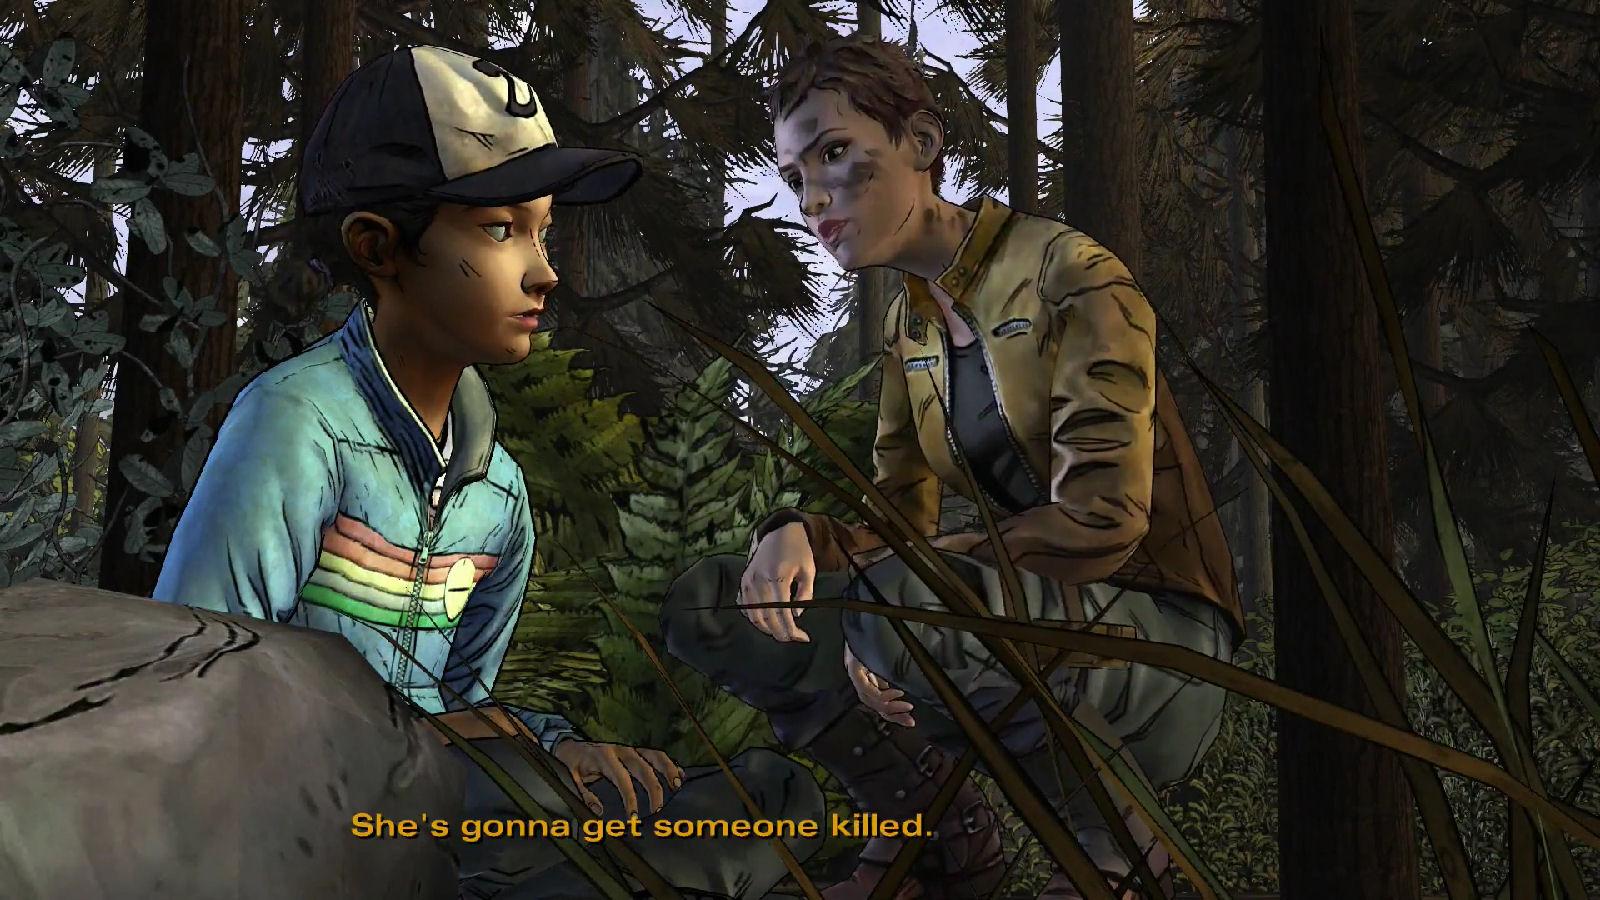 Walking dead video game season 2 episode 2